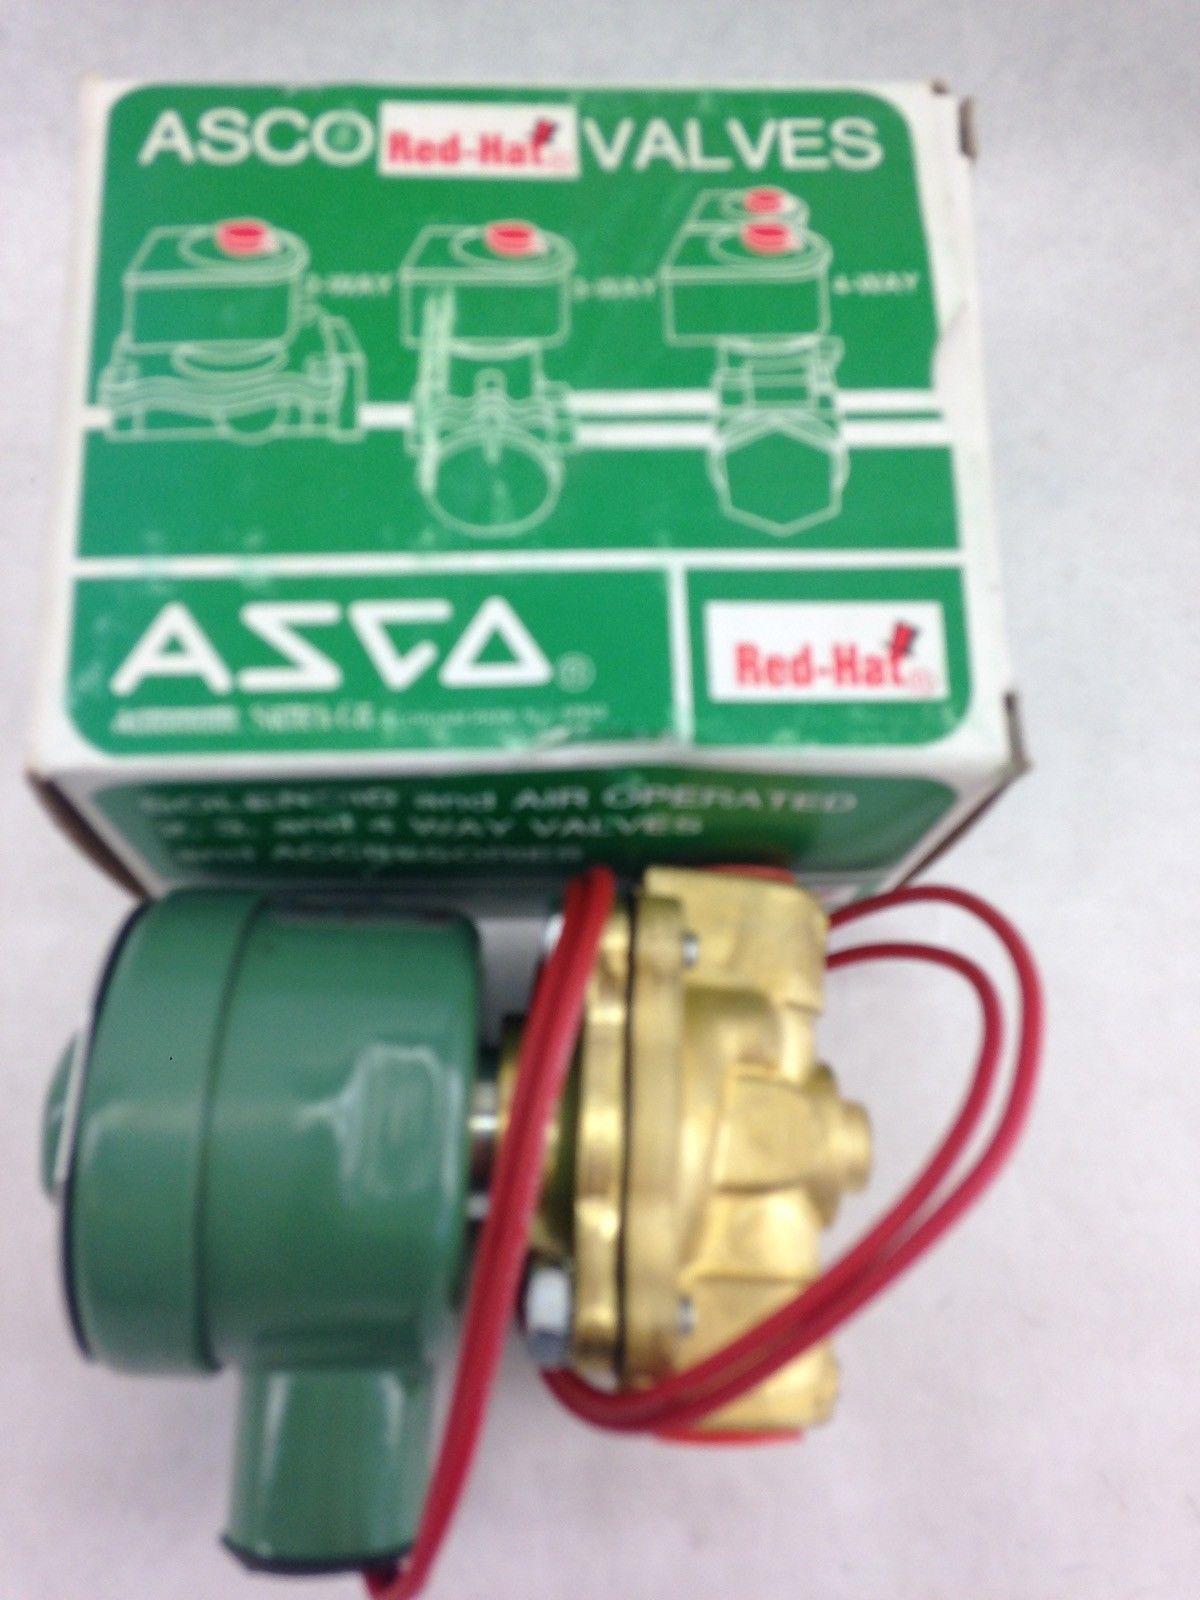 ASCO RED HAT 8211C6 SOLENOID VALVE (F282) 1